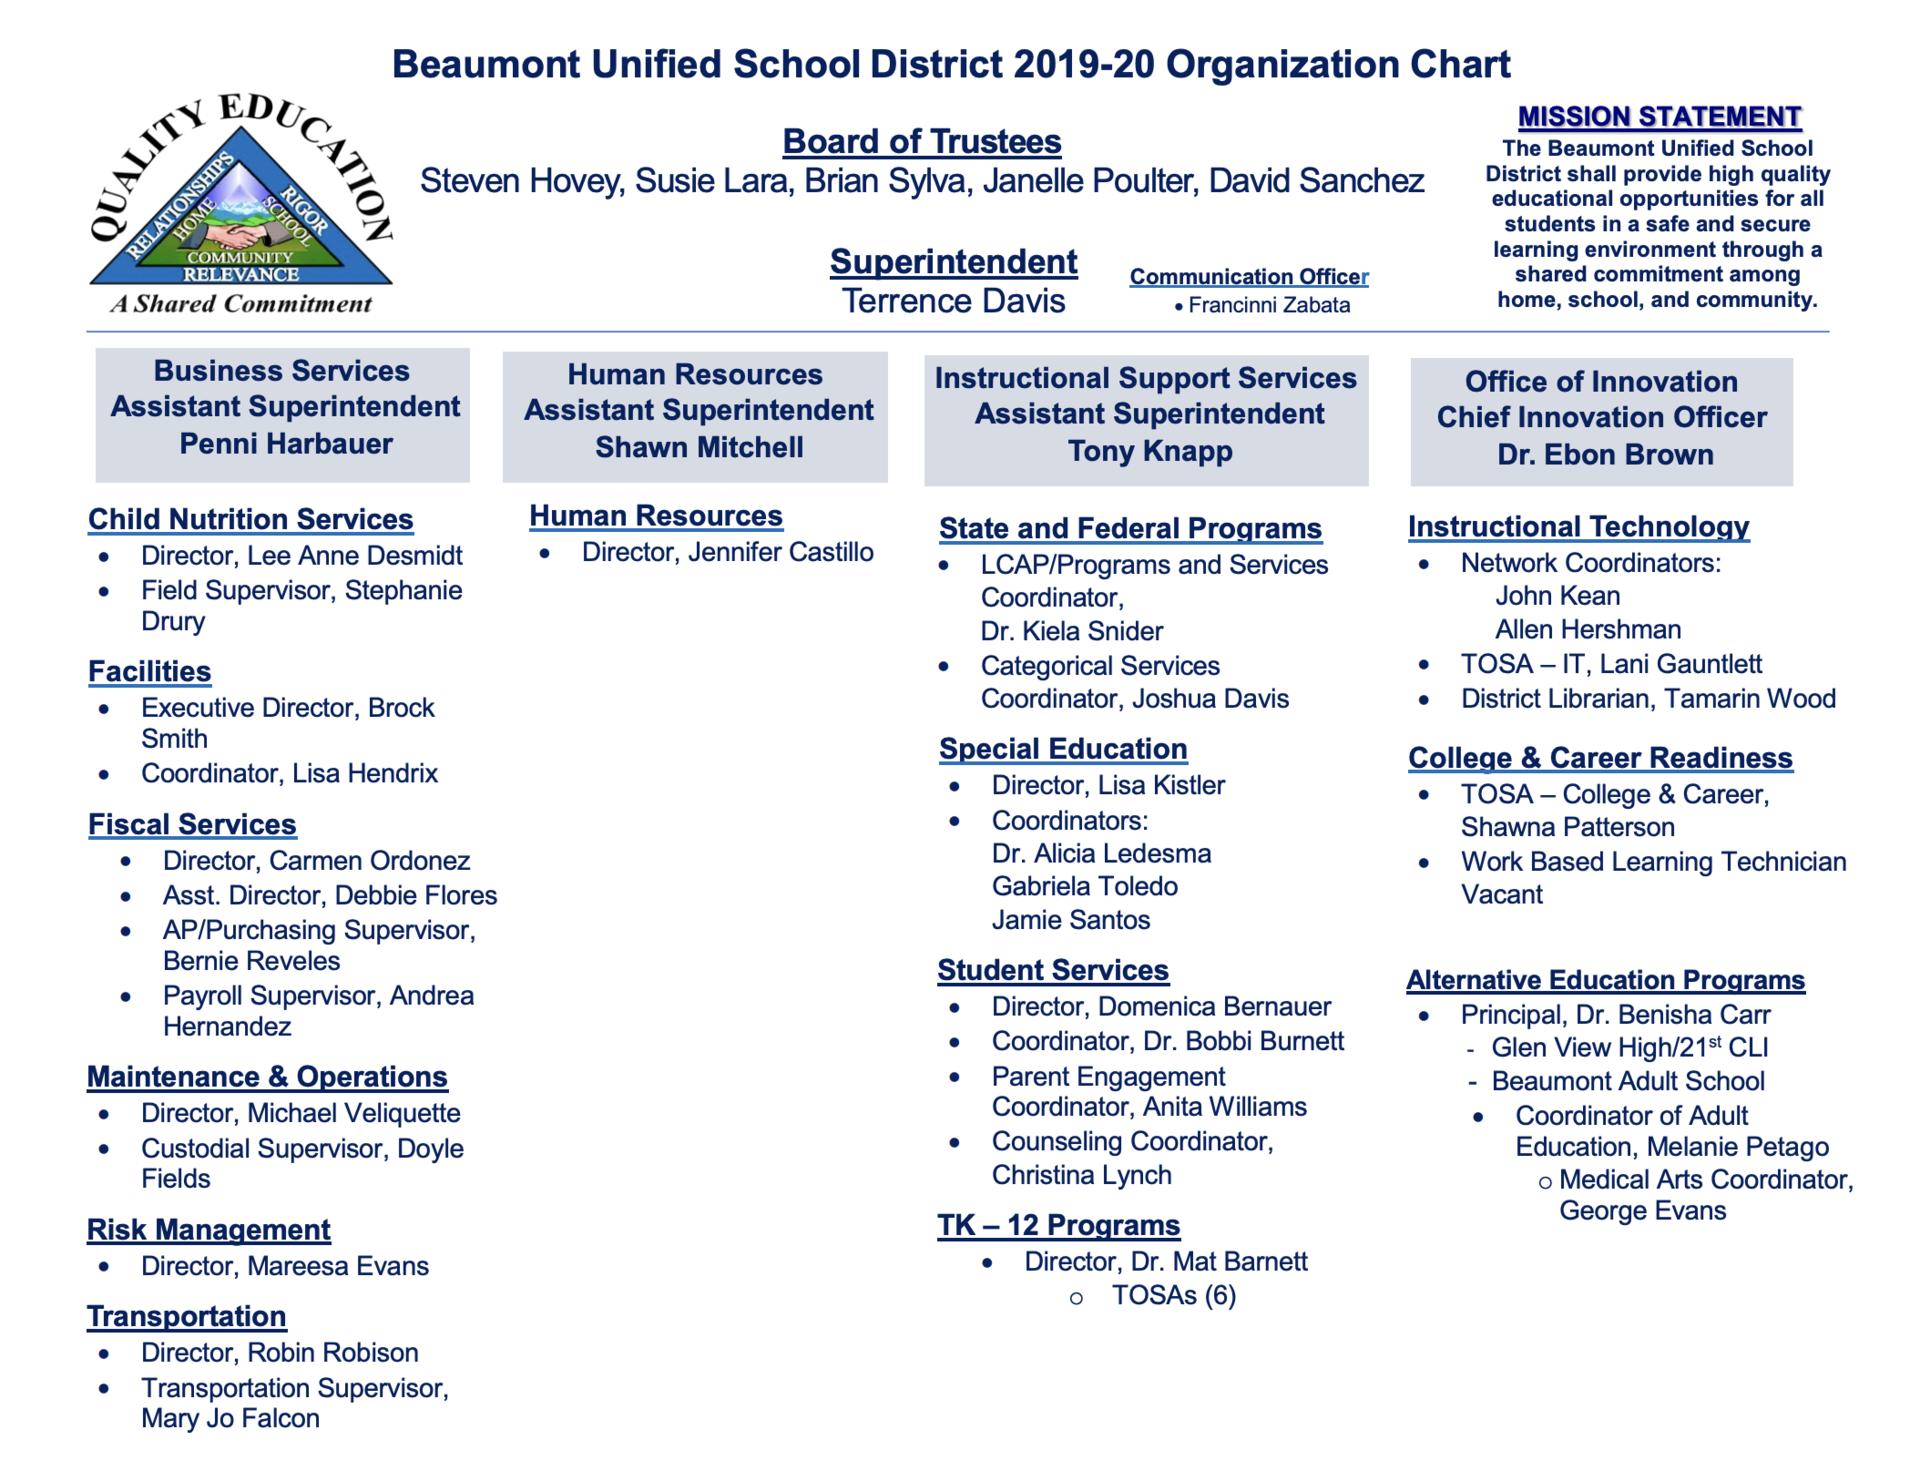 2019-20 Organizational Chart